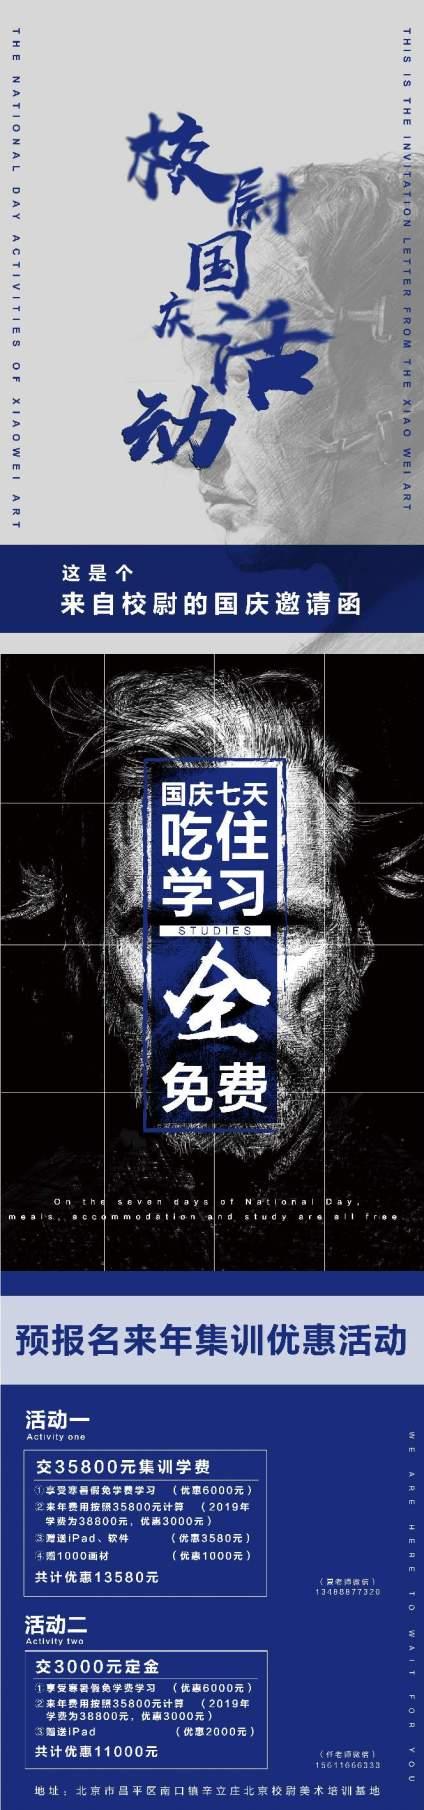 北京校尉美术画室。十一免费试学!吃住全面!欢迎同学们来参观学习。预定20